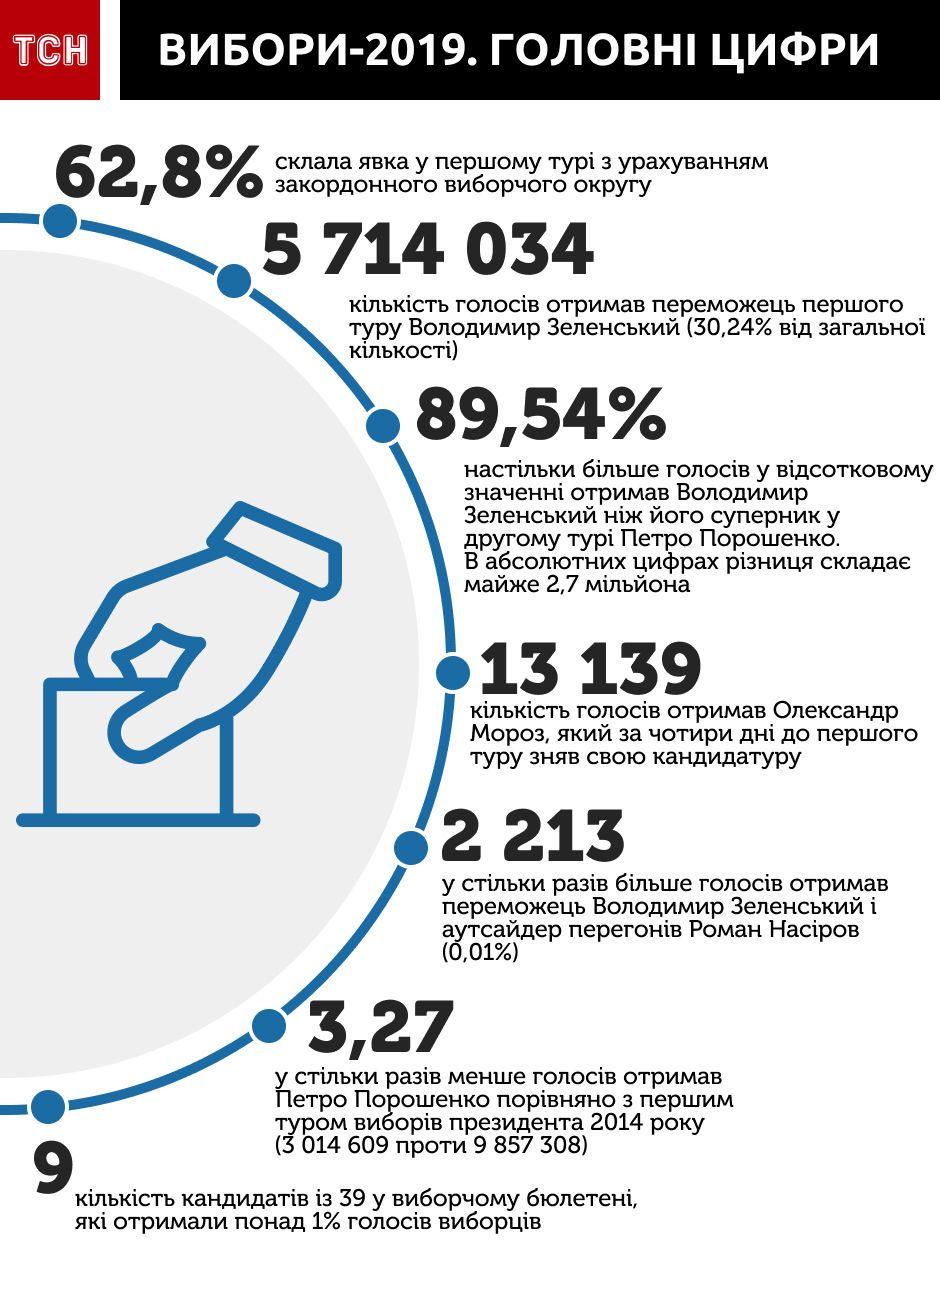 Головні цифри виборів, вибори-2019, Інфографіка